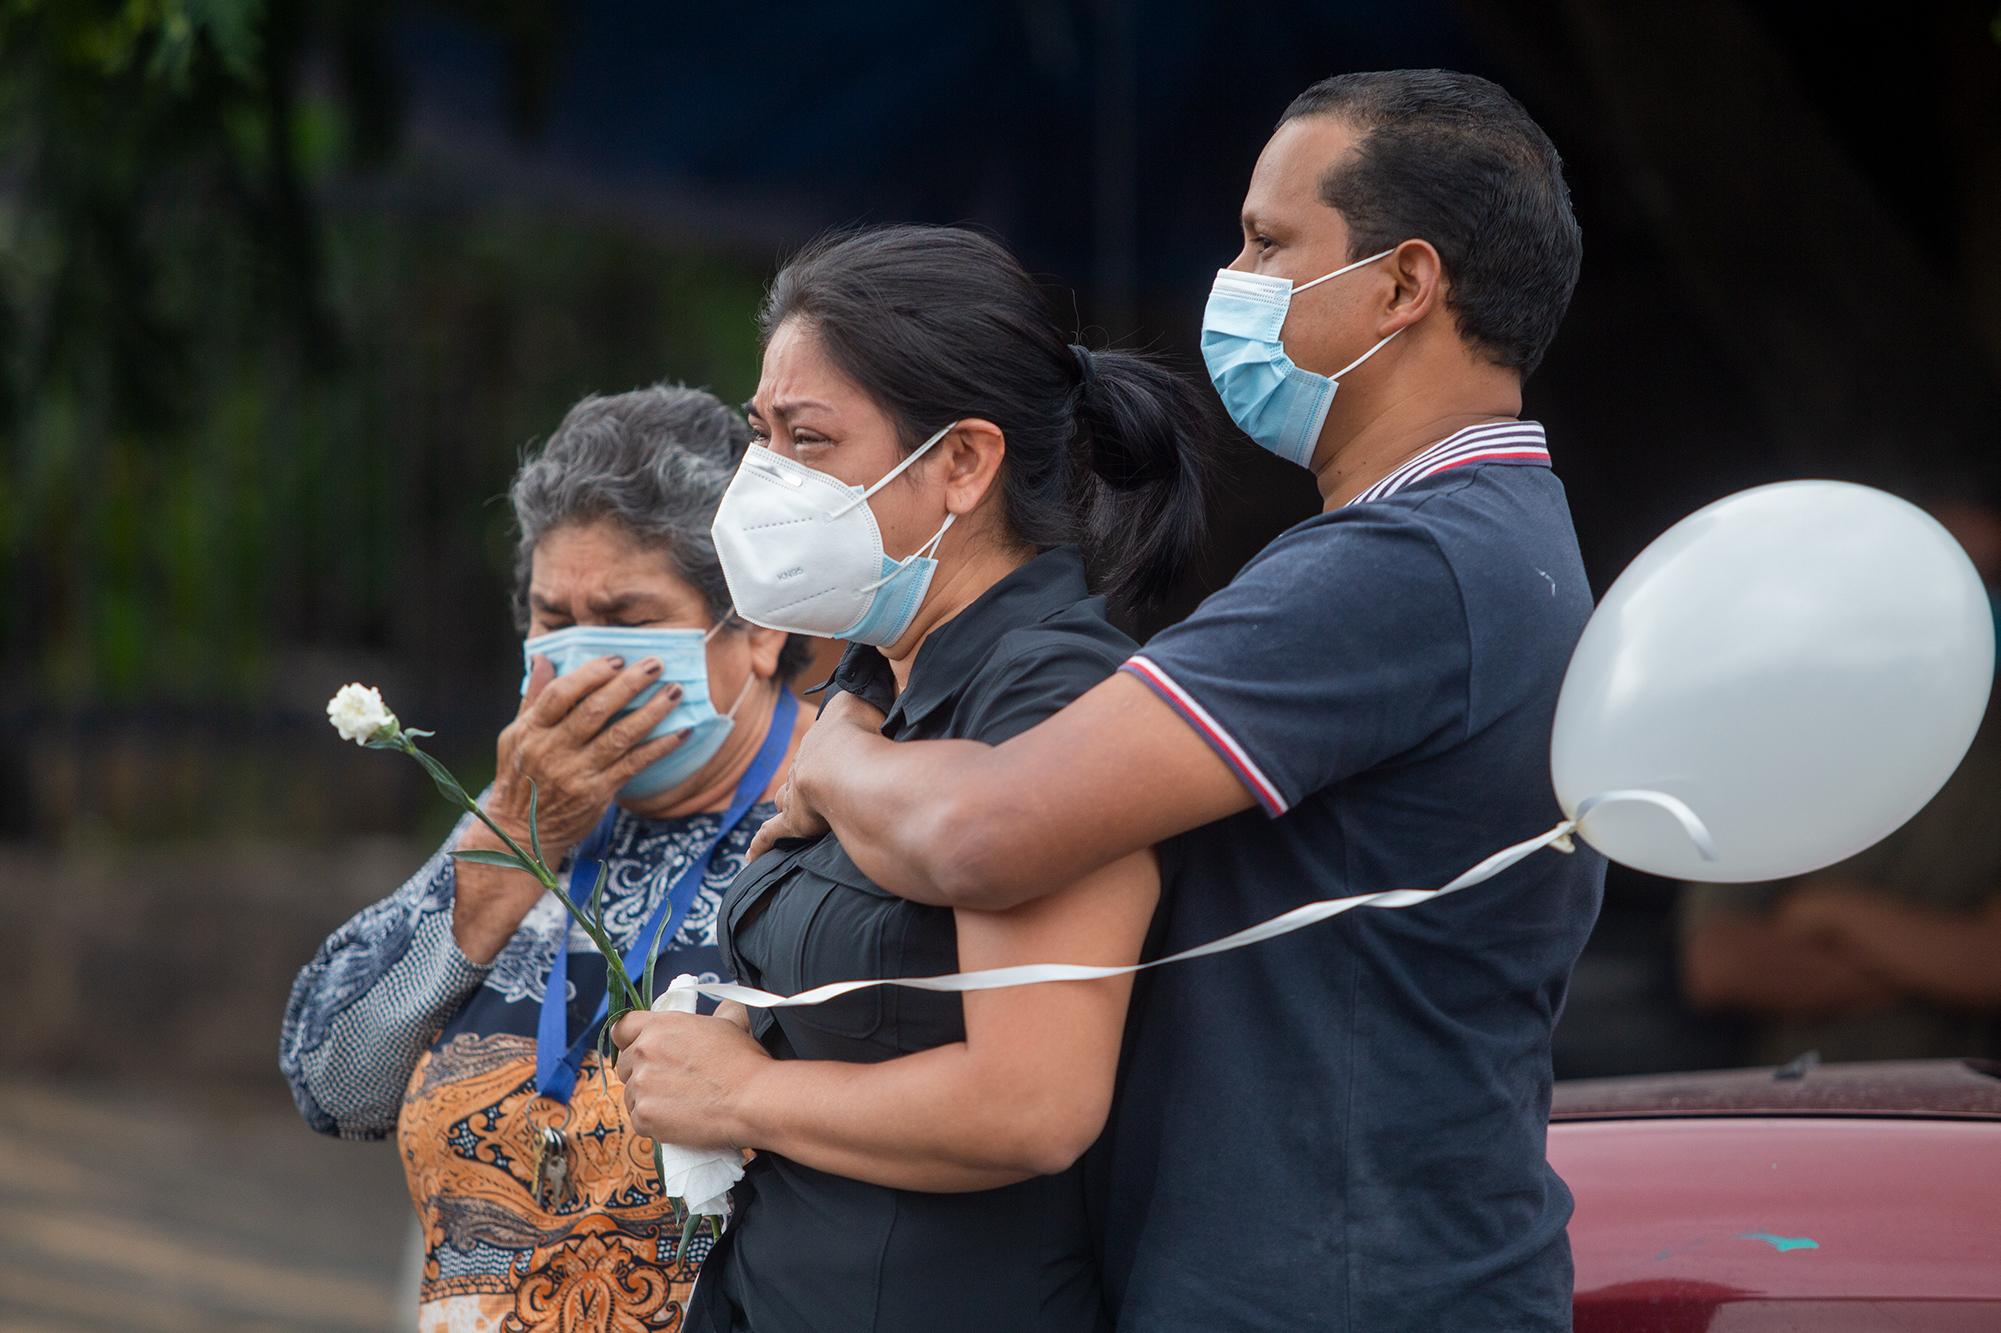 Honduras registra más de 3000 muertes por COVID-19, según cifras oficiales del Gobierno hondureño a través del Sistema Nacional de Gestión de Riesgo, el 28.9 % de estas se registran en el departamento de Cortés, esto convierte al departamento de Cortés en la zona más afectada por la pandemia en 2020. En la fotografía, familiares del periodista Pablo Matamoros lloran su fallecimiento a causa de la COVID-19 en un cementerio de la capital hondureña. Esta fotografía fue la portada del podcast Hemos perdido, que aborda el duelo y la muerte por COVID-19. Tegucigalpa, 2 de julio de 2020. Foto: Martín Cálix.